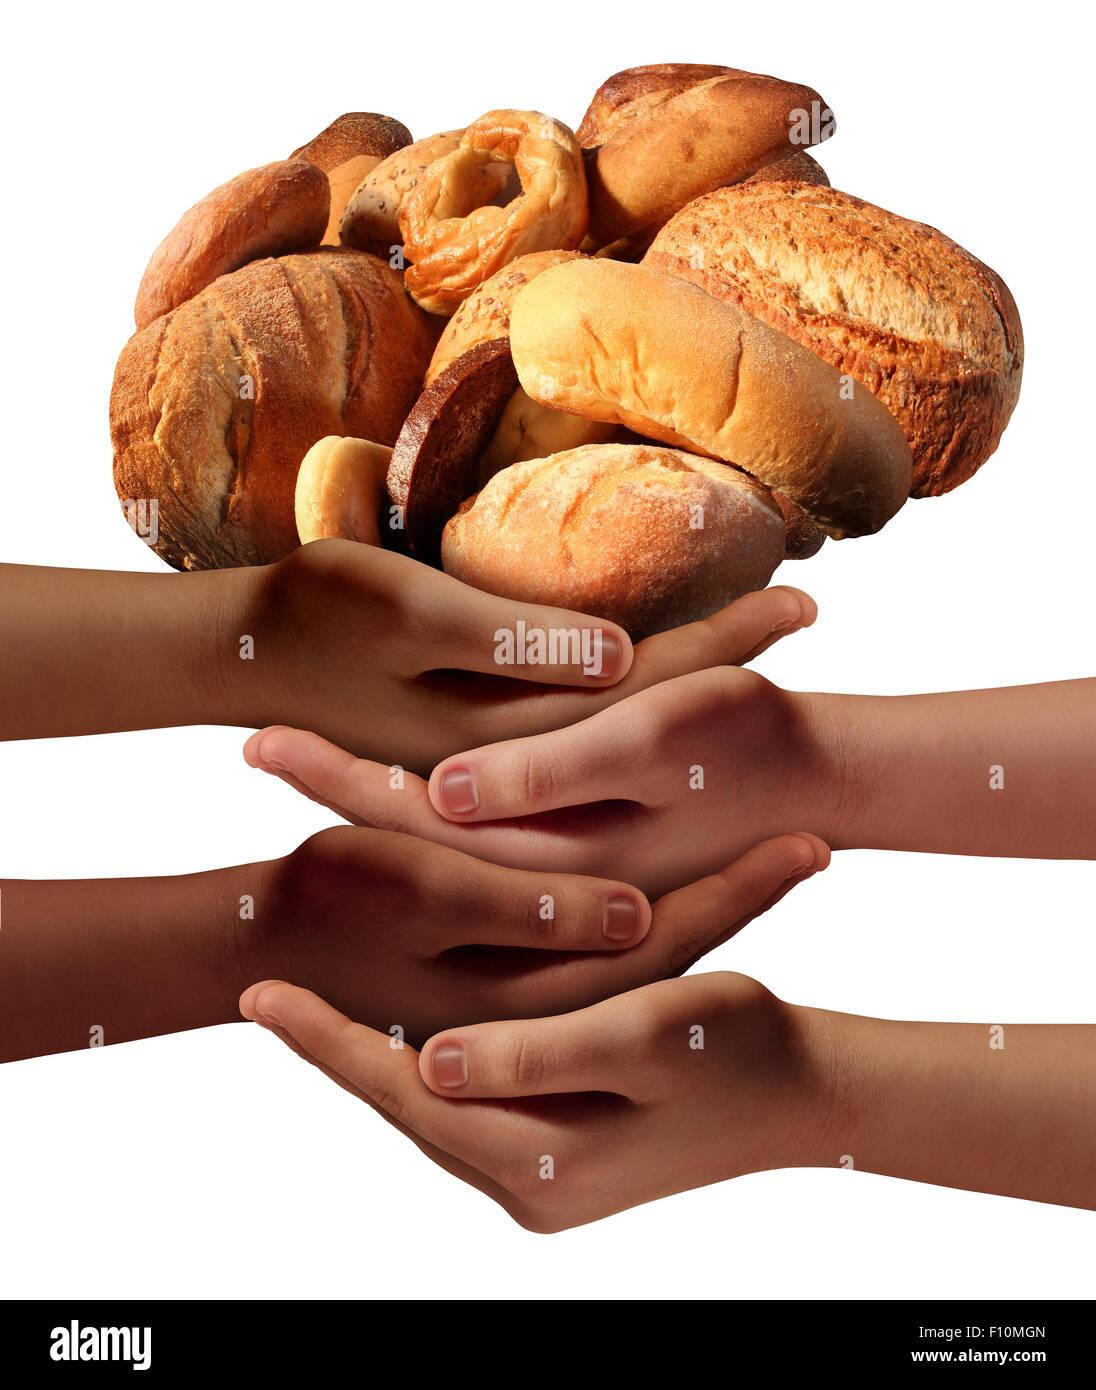 Gemeinschaft zu füttern die Armen Hilfe-Konzept mit einer Gruppe von wohltätige Hände repräsentieren Stockbild